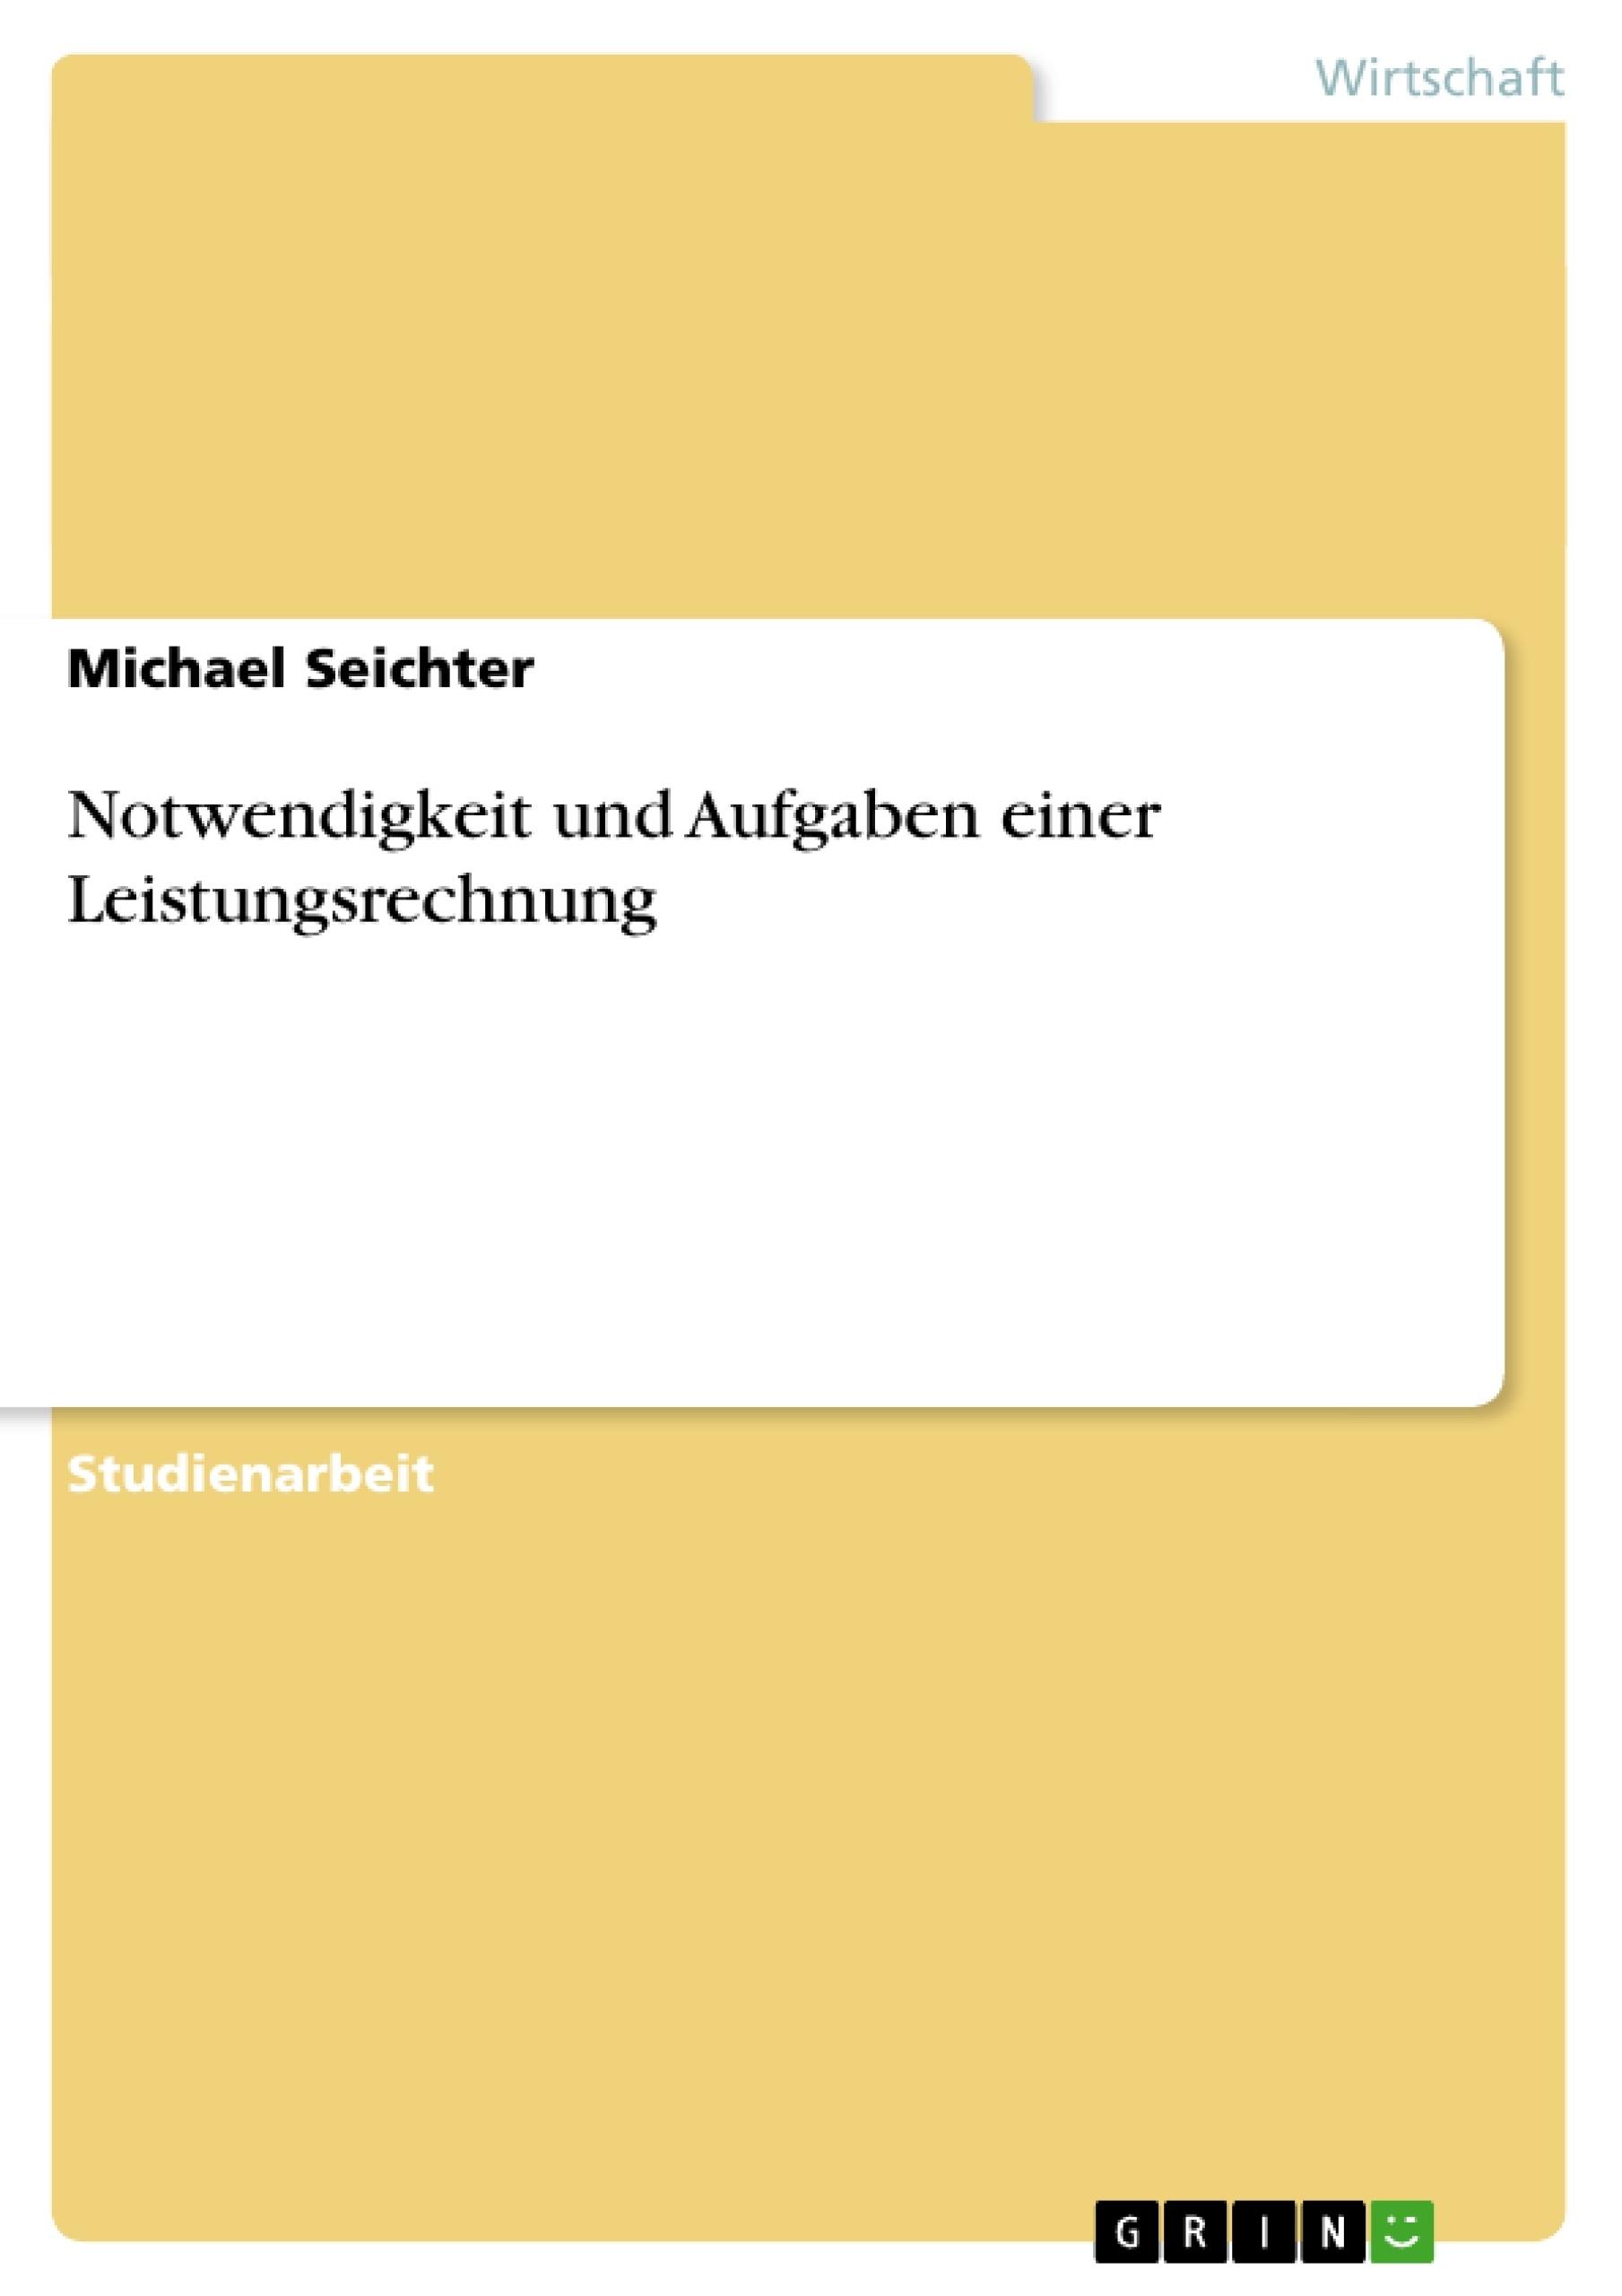 Titel: Notwendigkeit und Aufgaben einer Leistungsrechnung